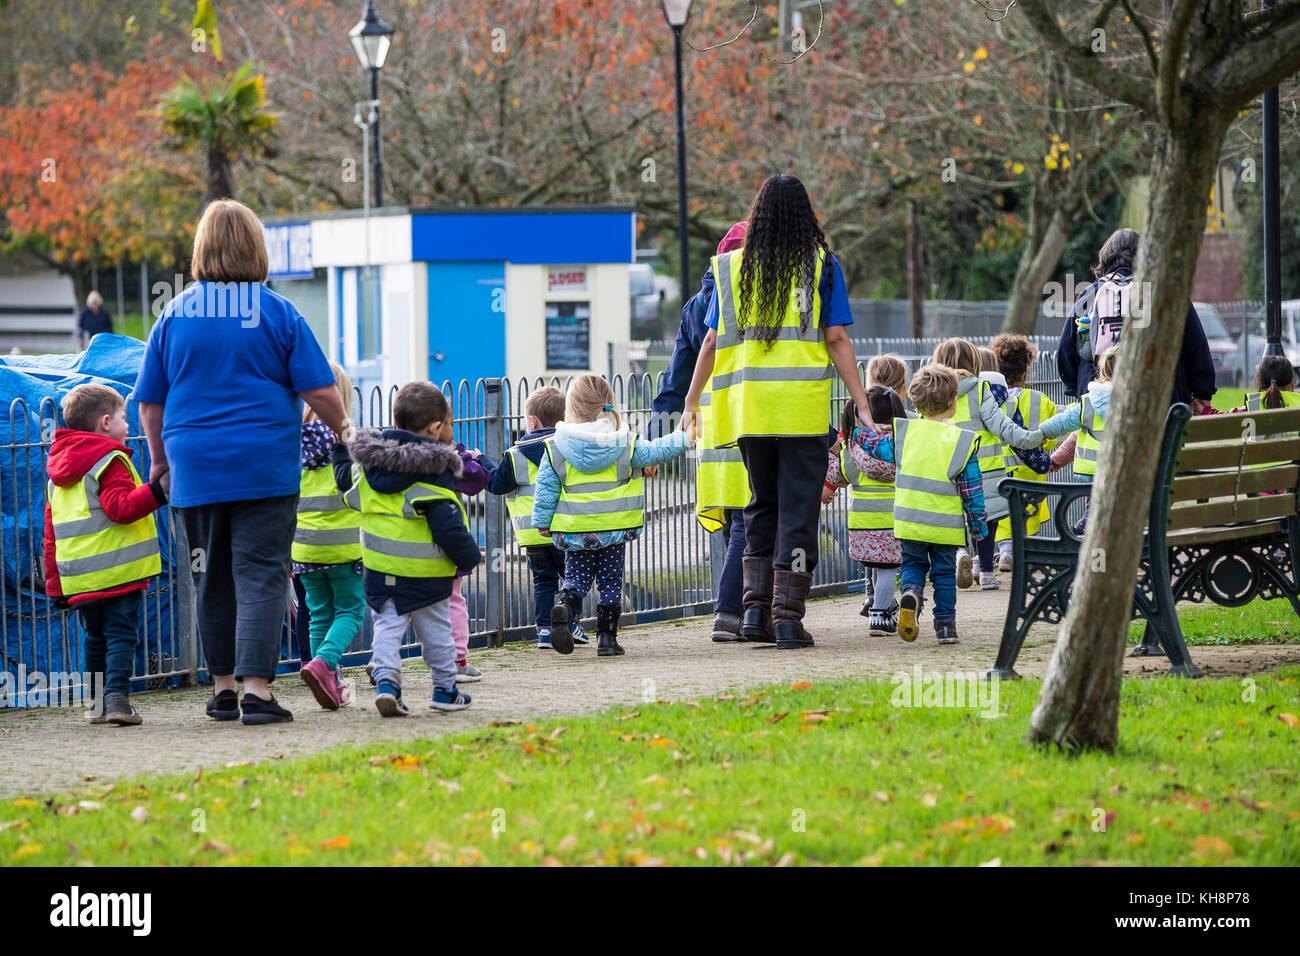 Eine Gruppe von Kindern im Vorschulalter zu Fuß mit ihren Lehrern und Lehrassistenten auf eine Reise heraus. Stockbild